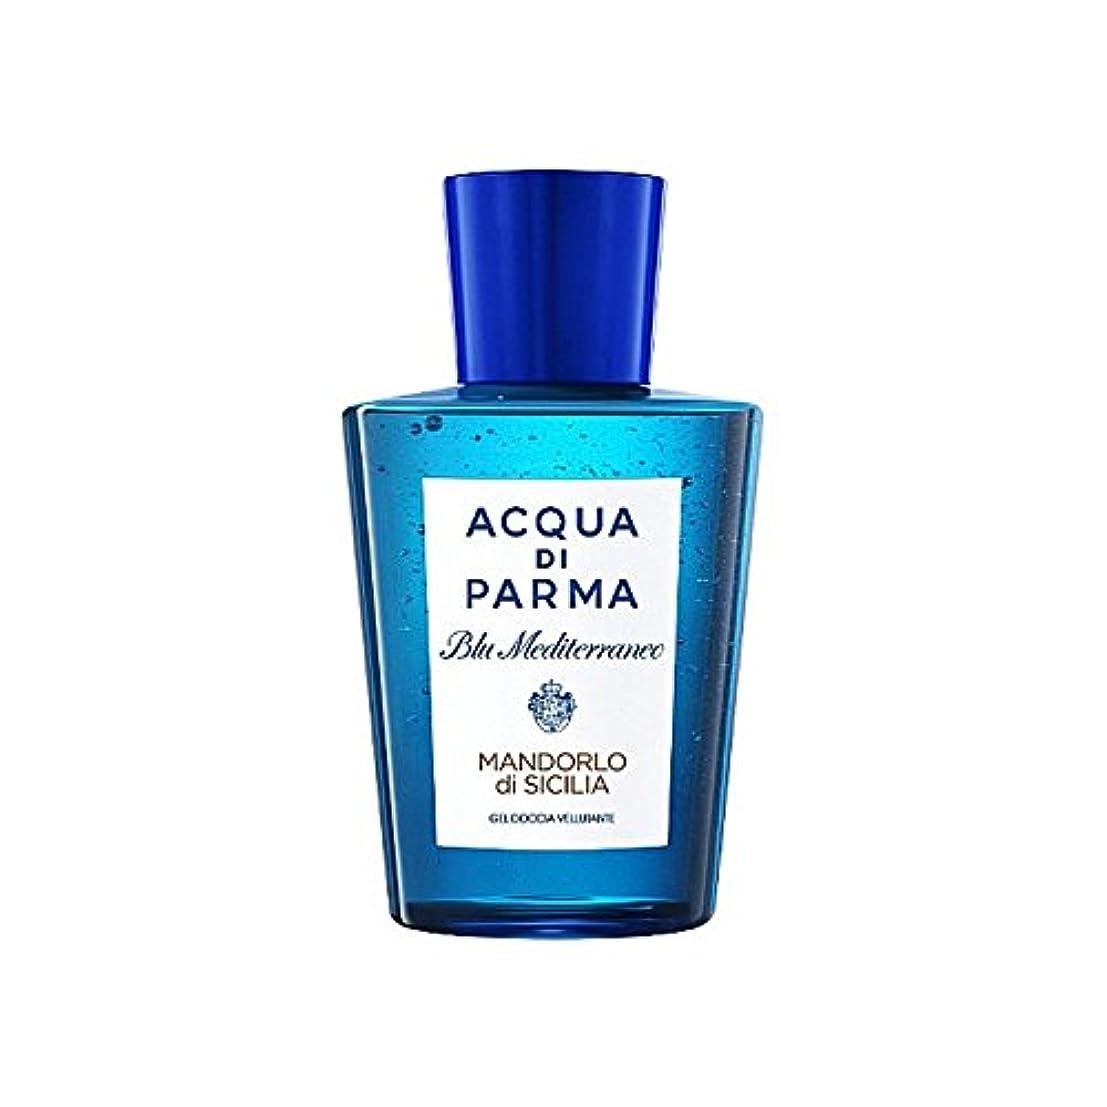 スキッパー誰の感謝Acqua Di Parma Blu Mediterraneo Mandorlo Di Sicilia Shower Gel 200ml - アクアディパルマブルーメディマンドルロディシチリアシャワージェル200 [並行輸入品]